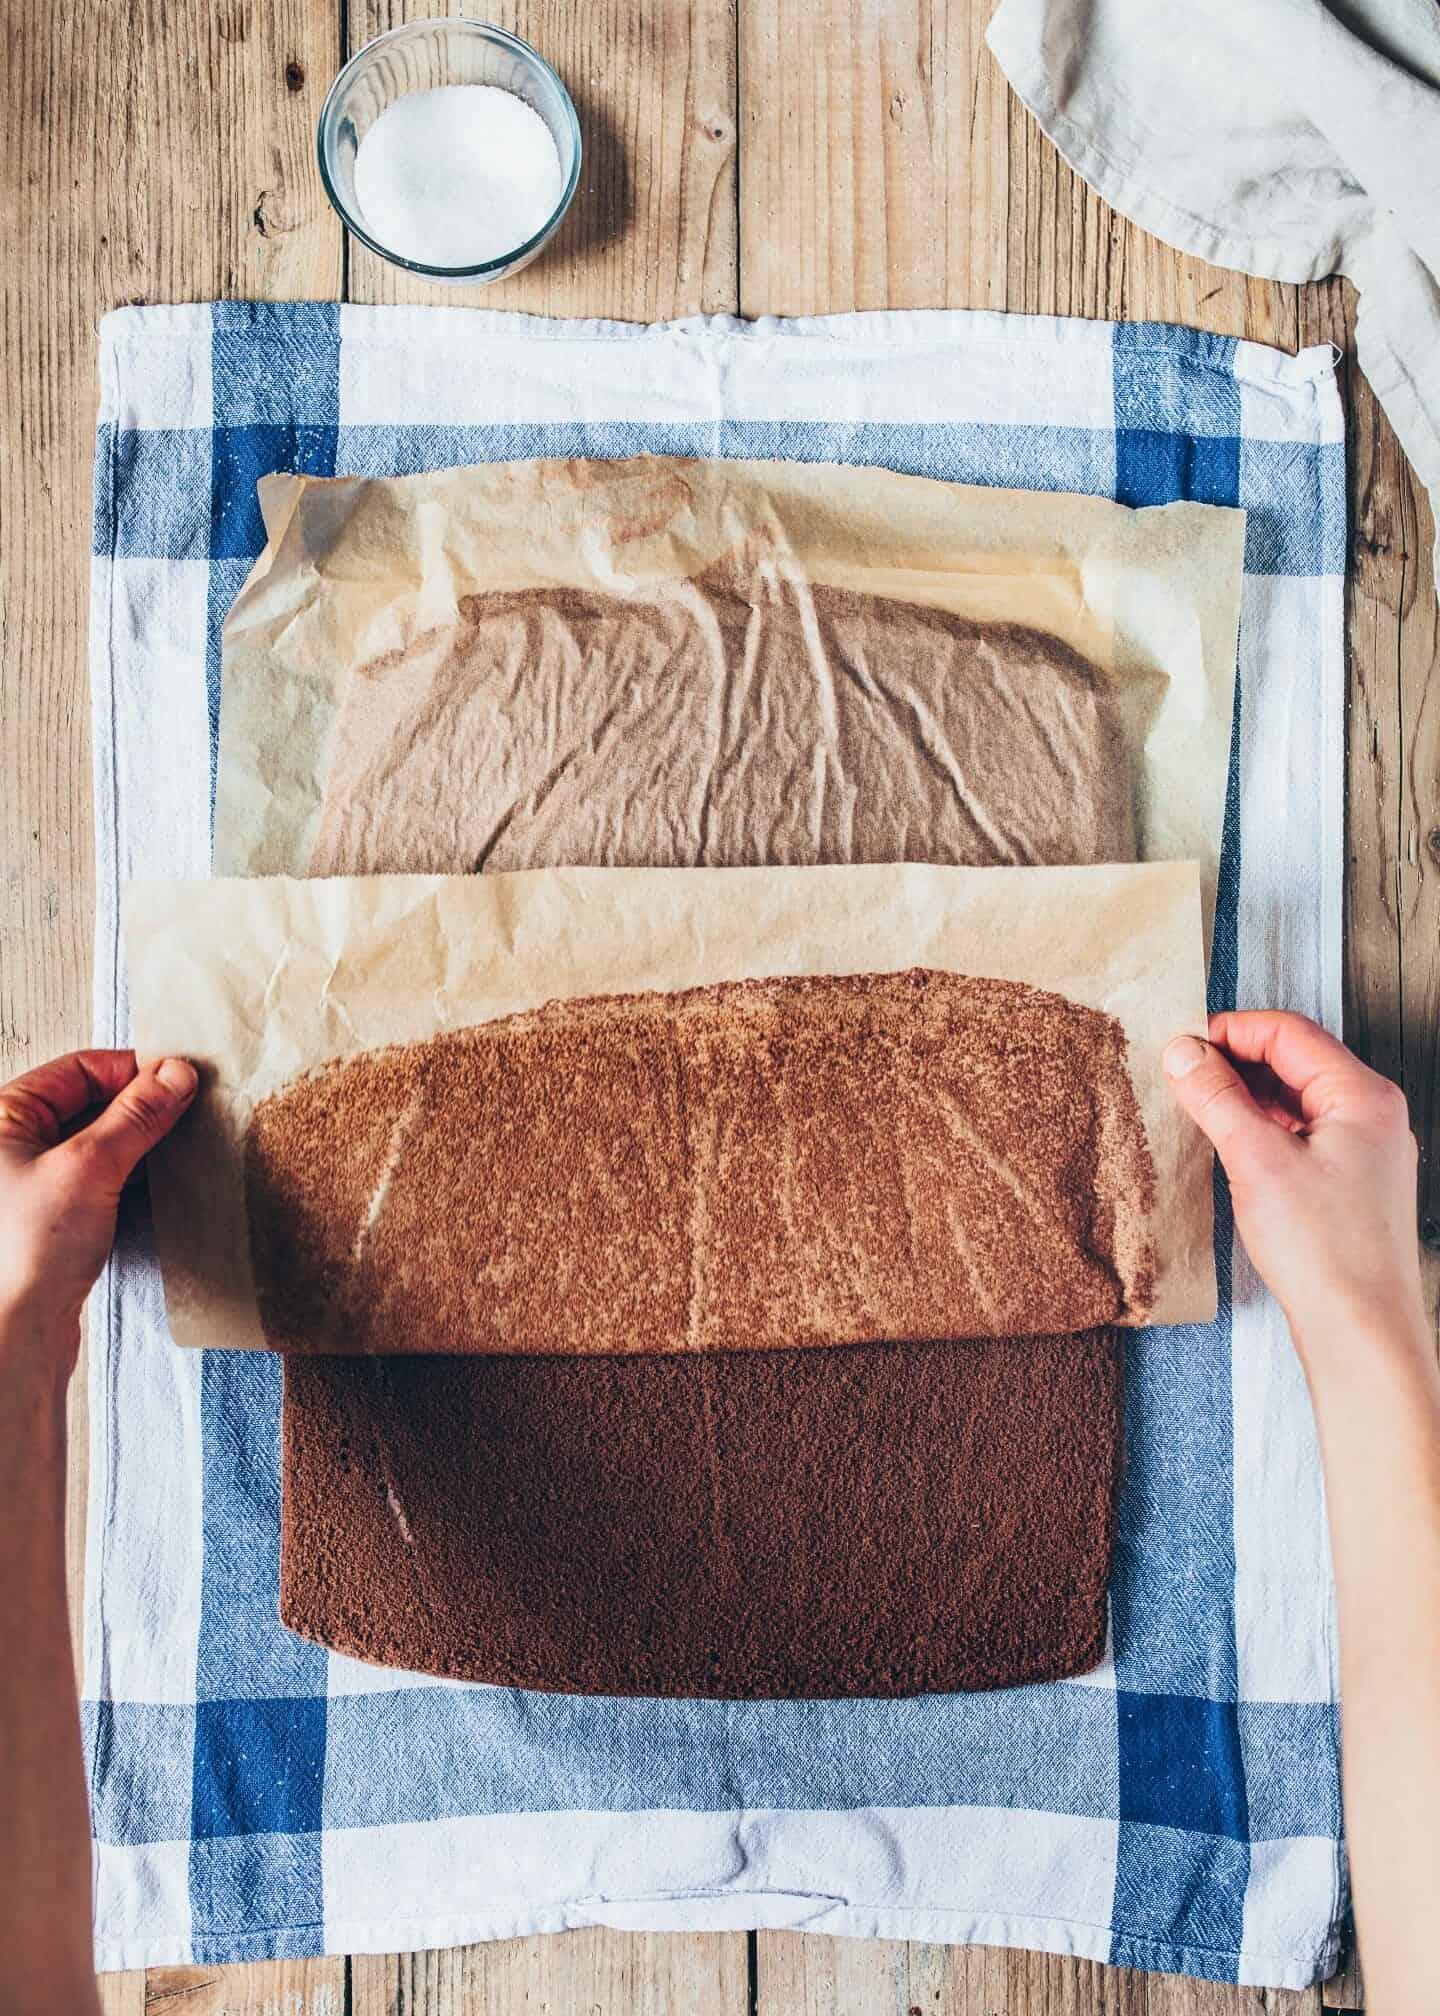 Diese Vegane Schoko-Biskuitrolle Schwarzwälder Kirsch klappt ohne Eier. Es ist ein einfacher Schokoladen-Kuchen mit Kirsch-Creme-Füllung. Einfach und schnell zubereitet.